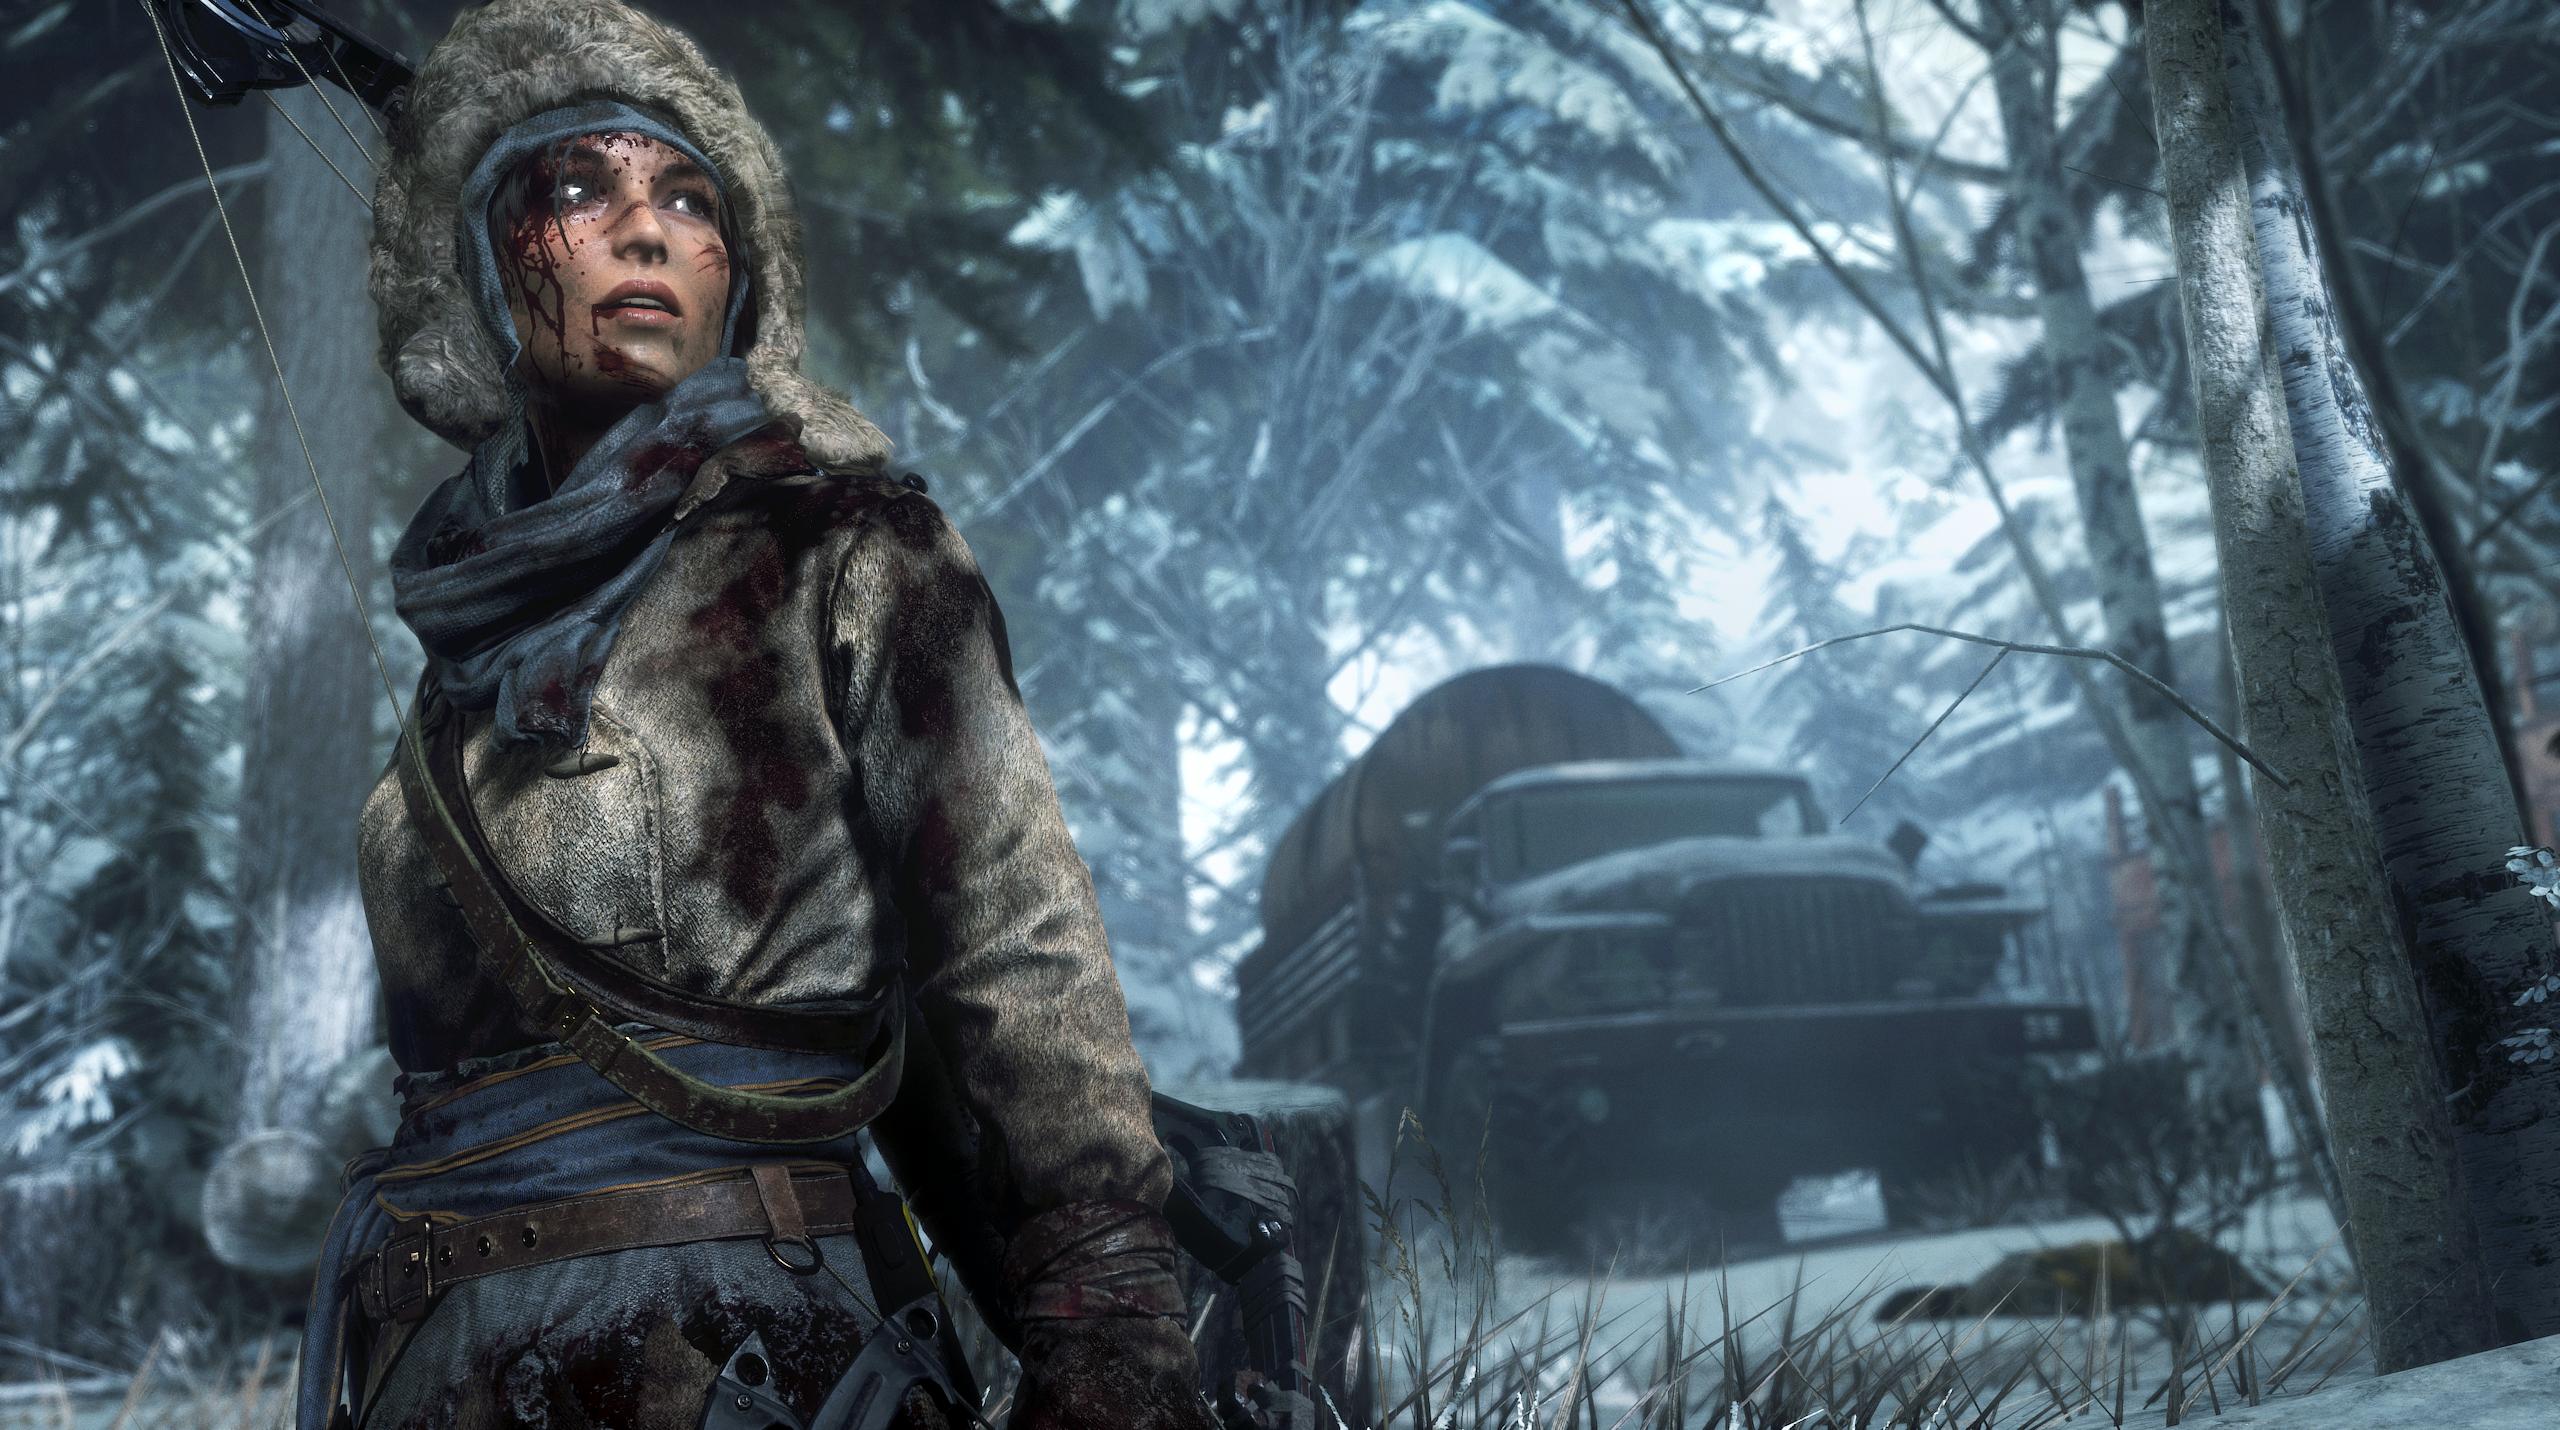 Obrázky z Rise of the Tomb Raider před vydáním PS4 verze 131619